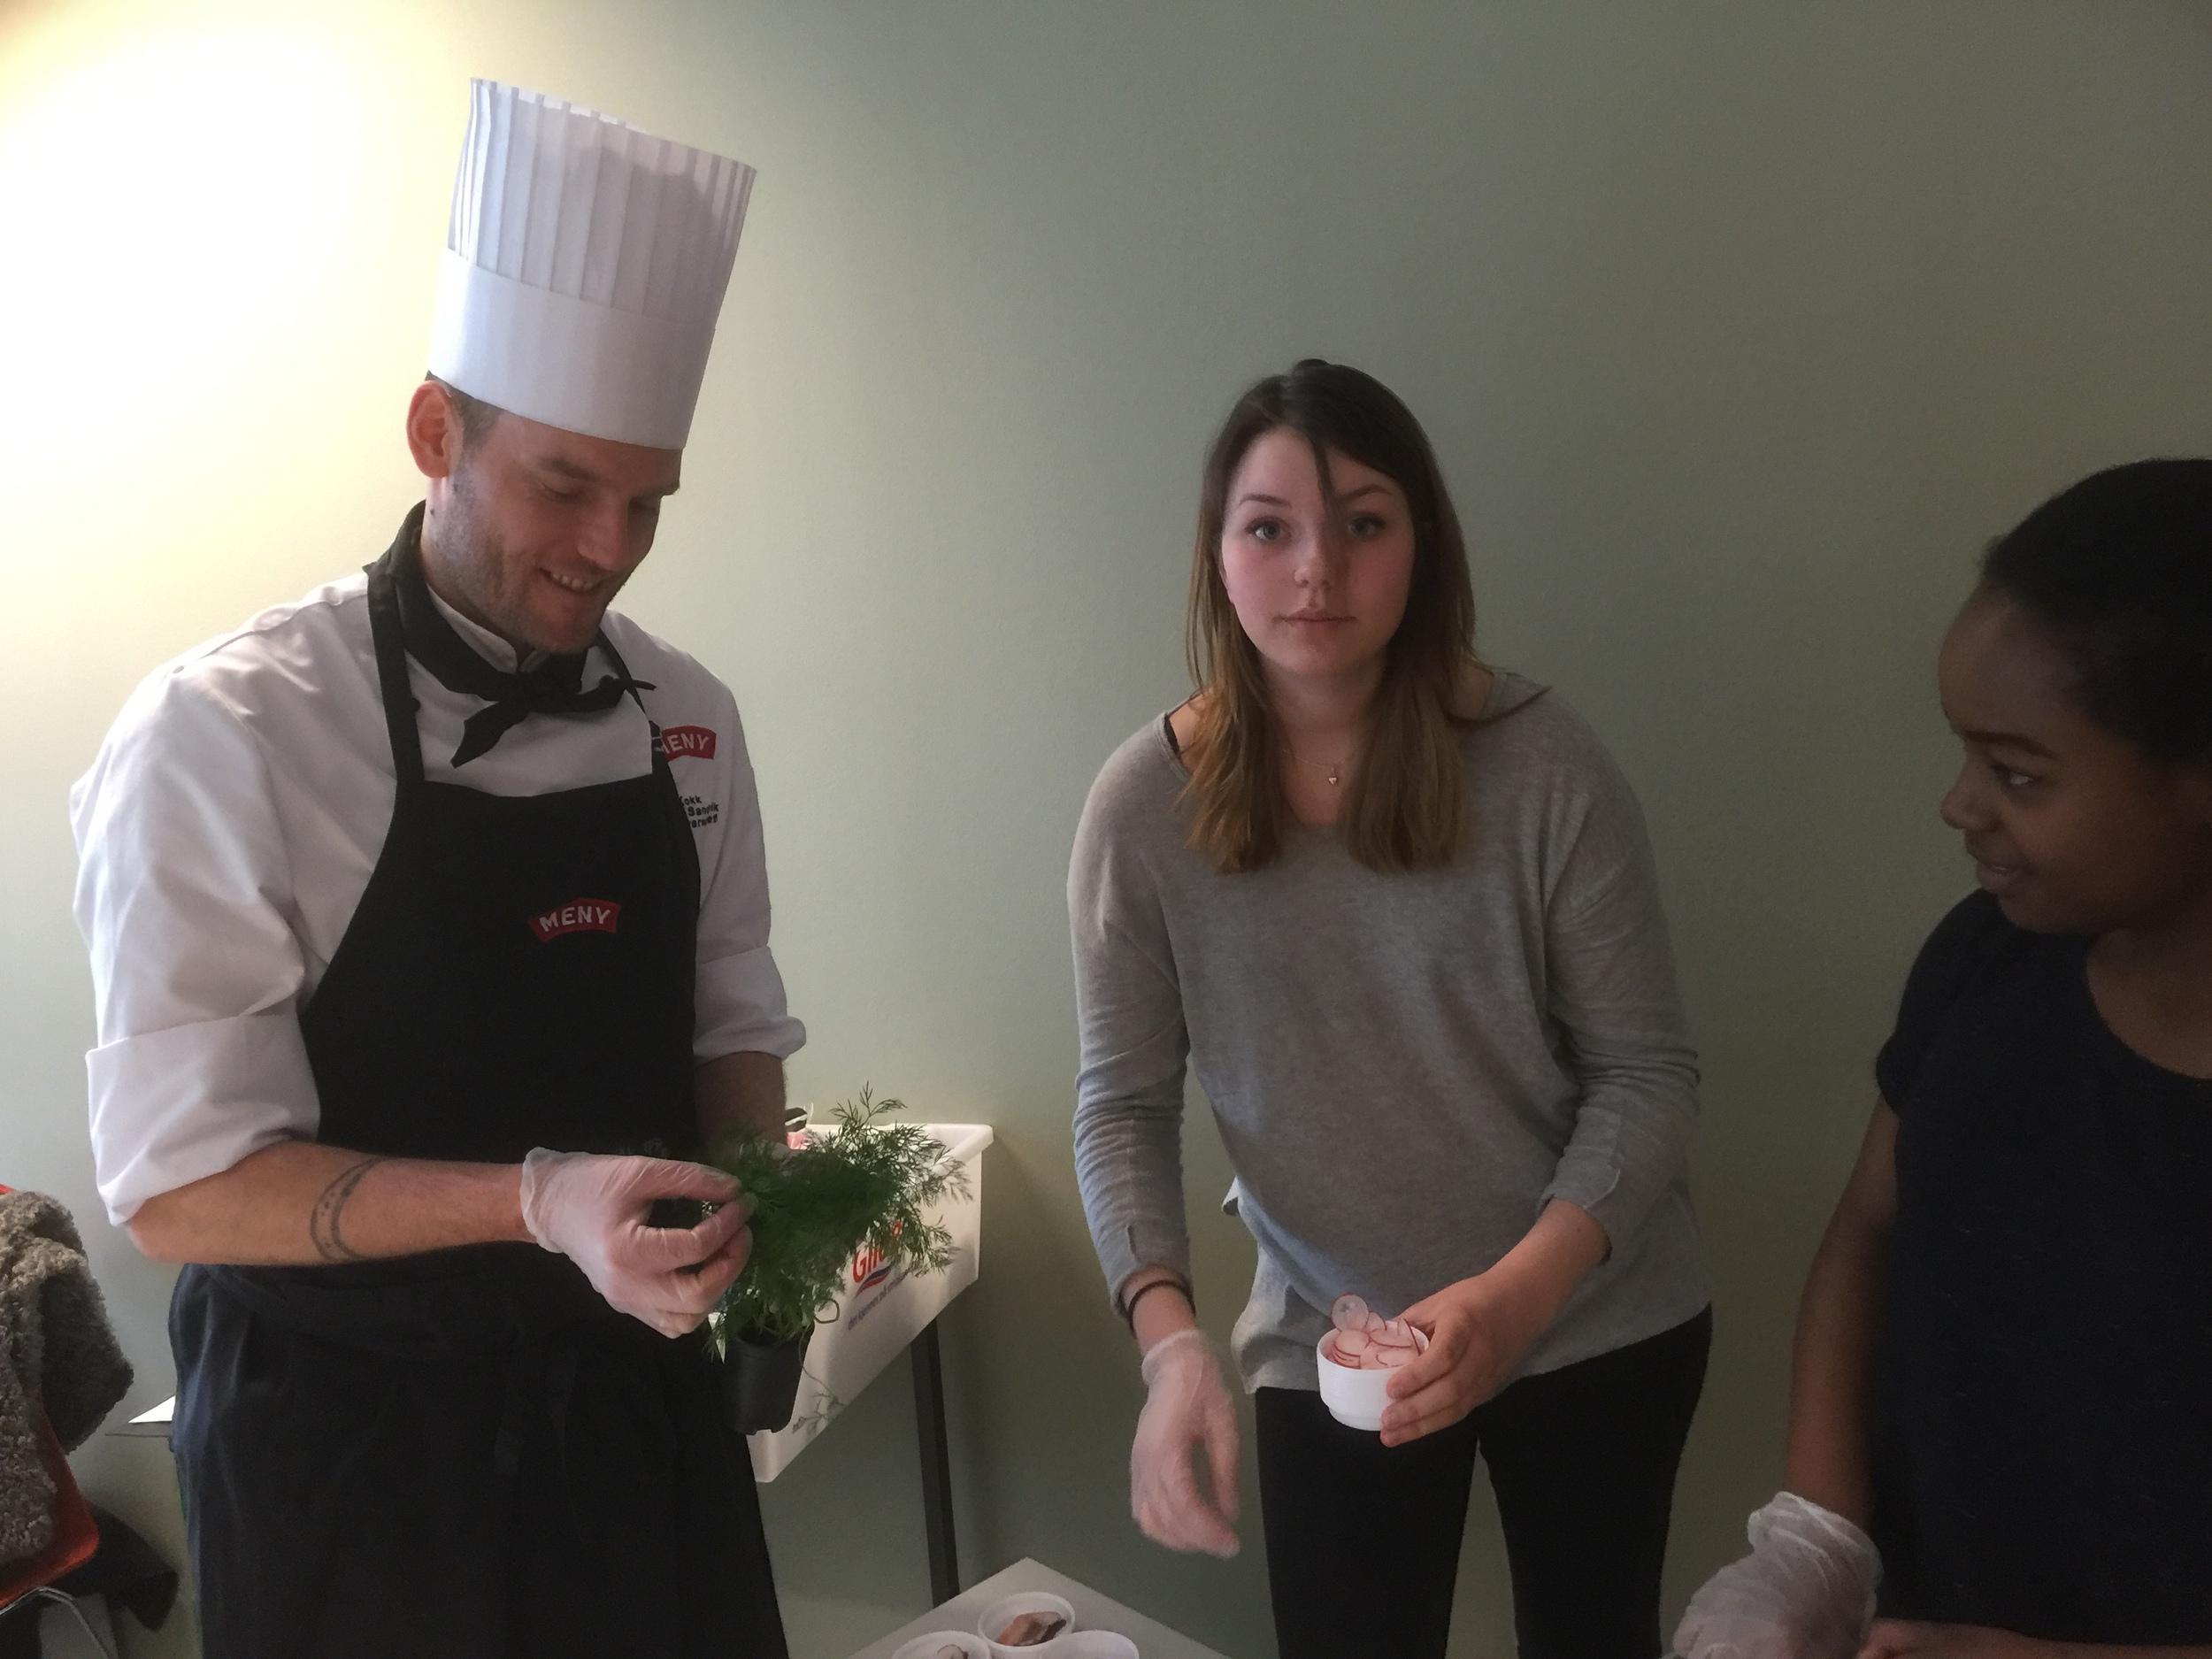 Ferskvaresjef Ståle Sandvik på Meny Solsiden får hjelp toav restaurant- og matfag elevene til å legge opp smaksprøver.